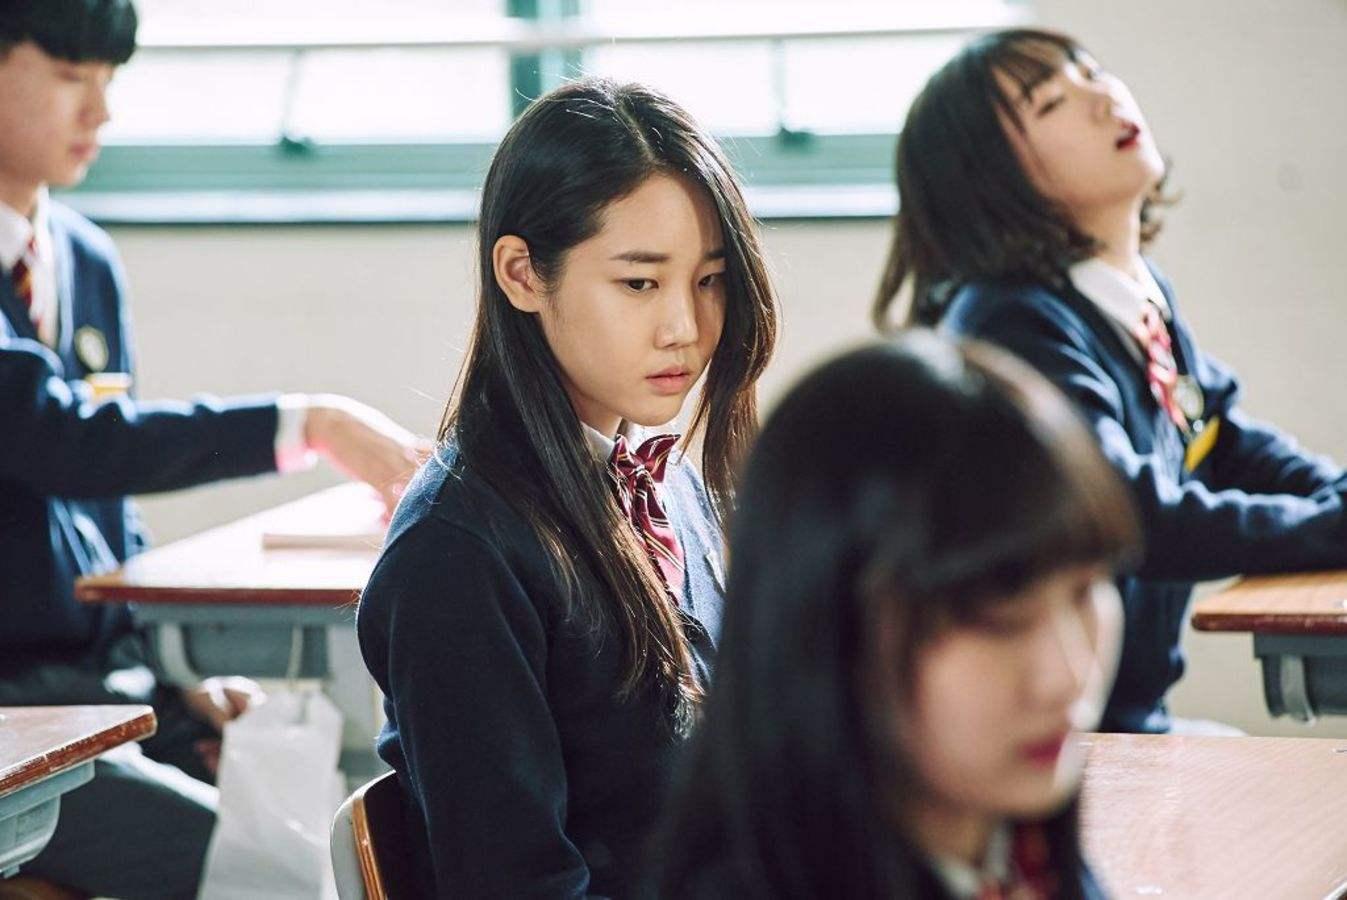 金鸡百花电影节学生影评大赛终评结果出炉